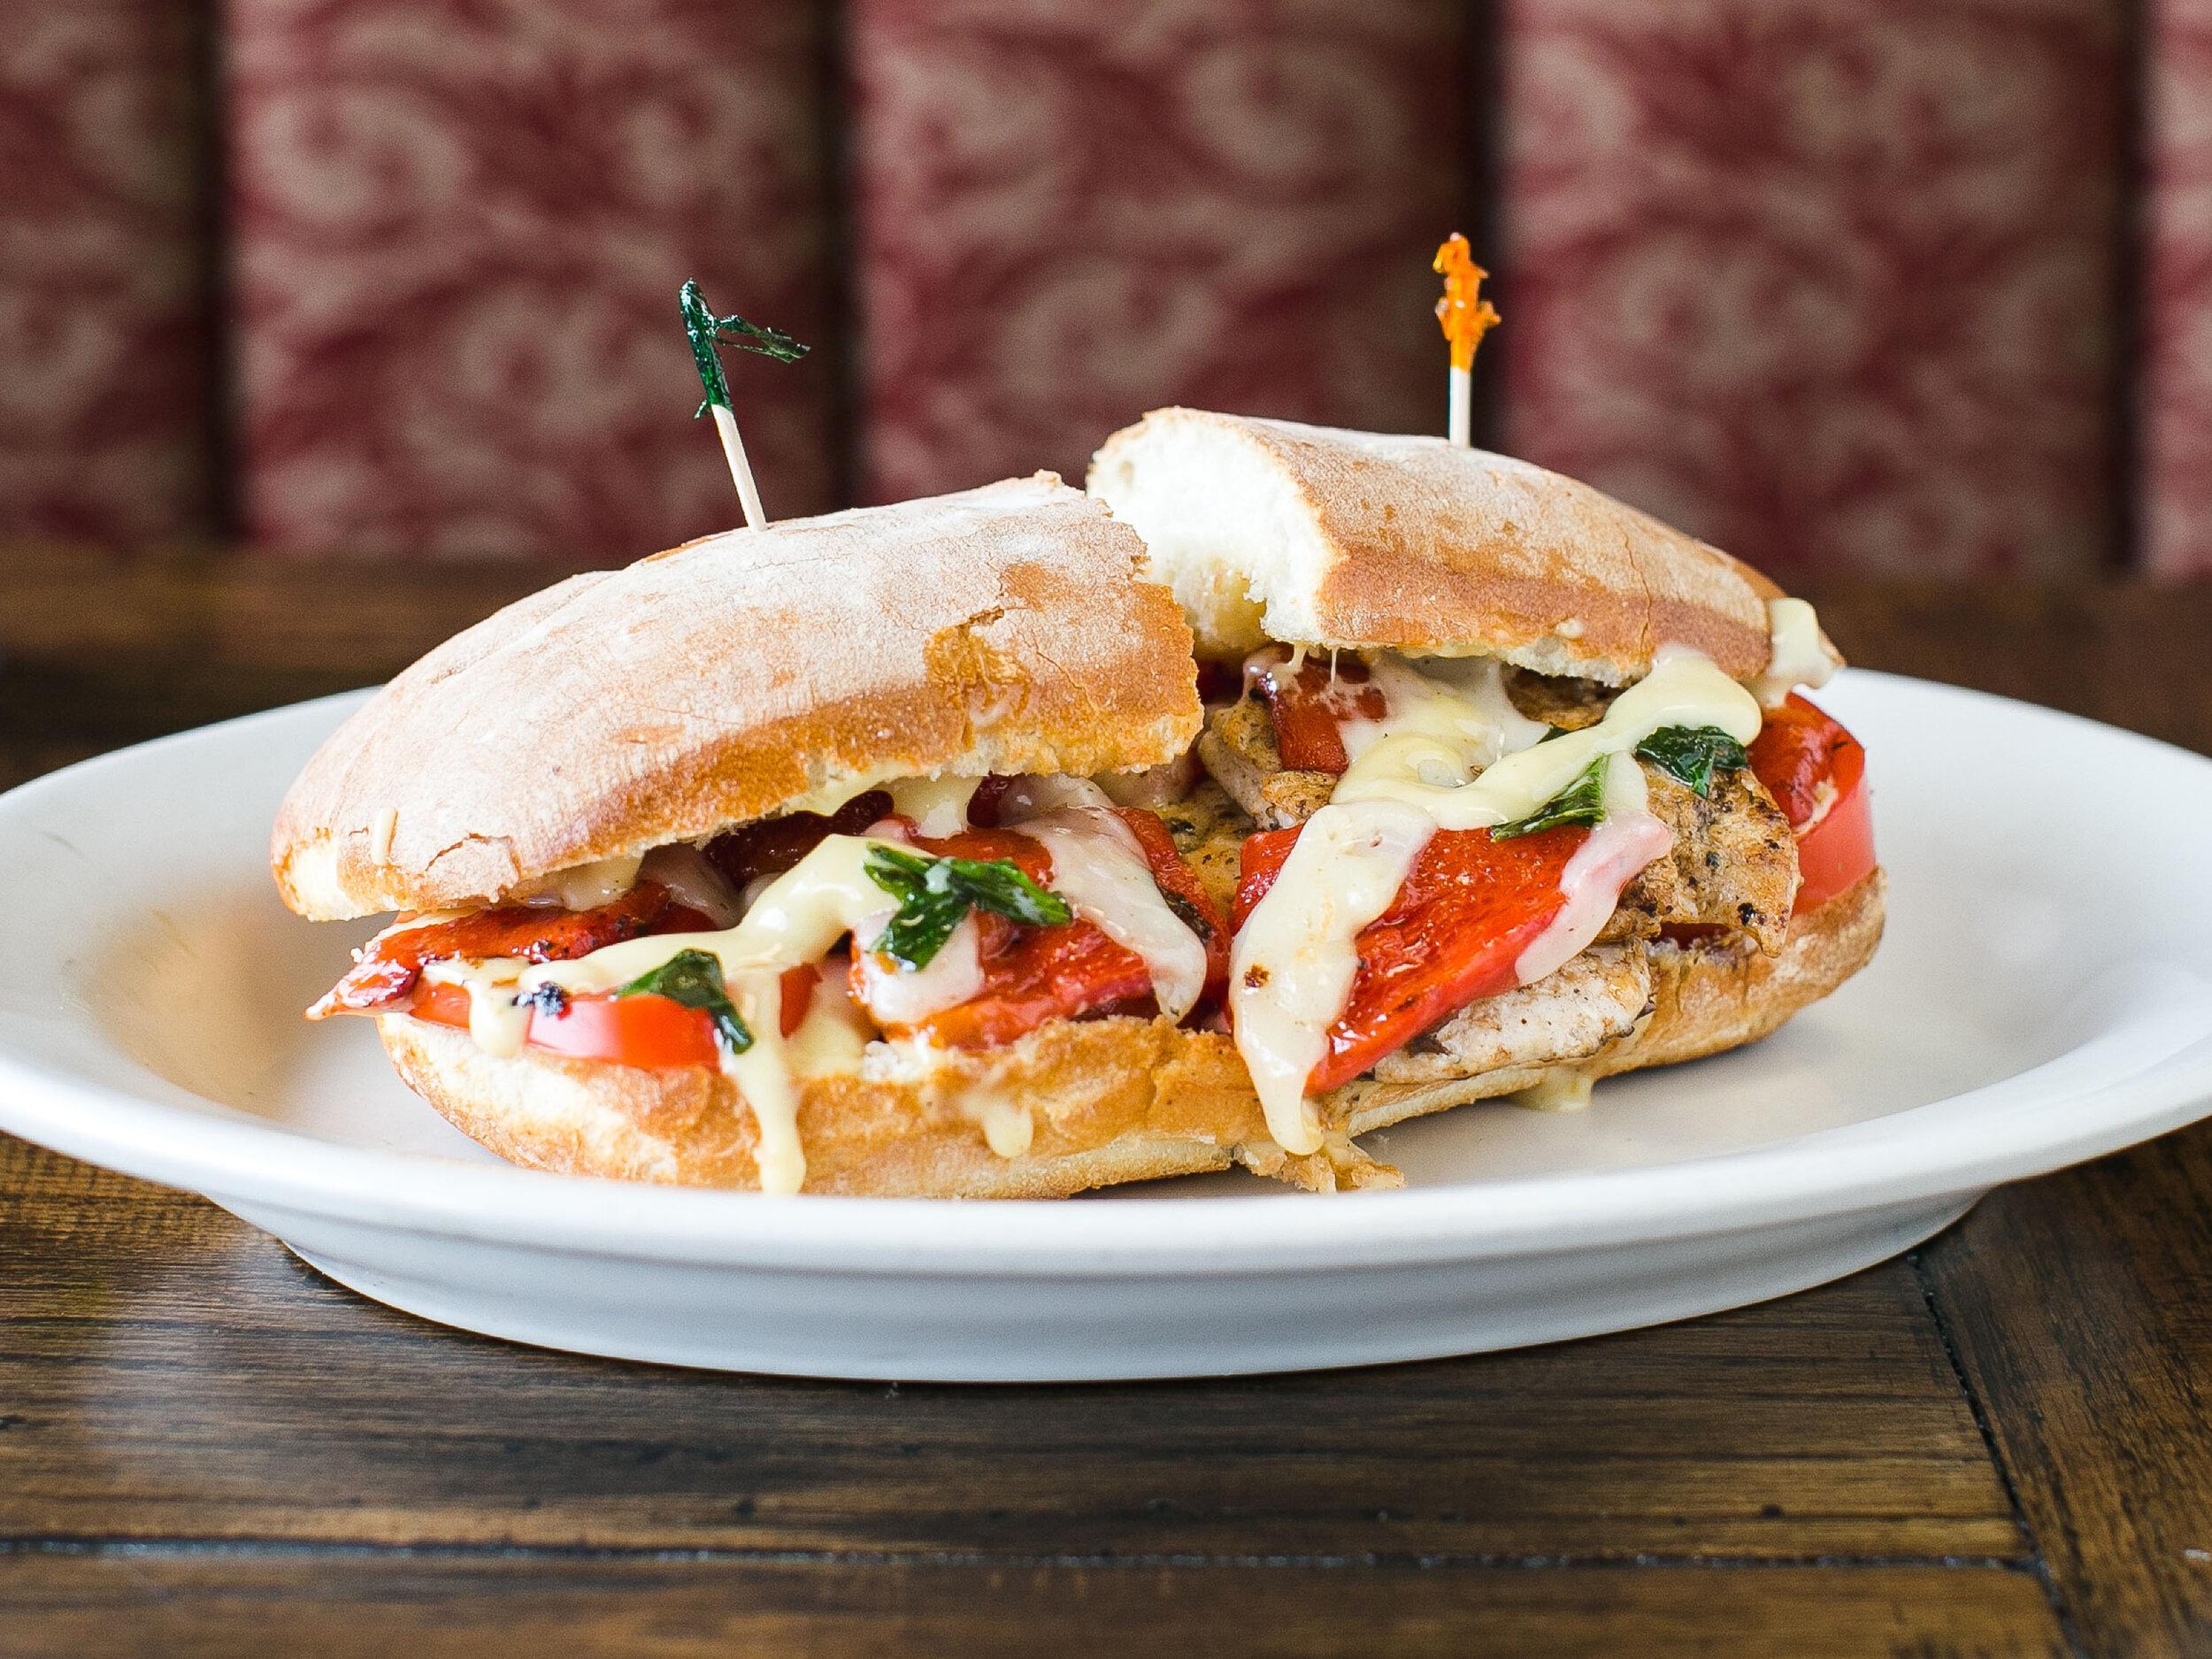 Rustic Italian Chicken Sandwich